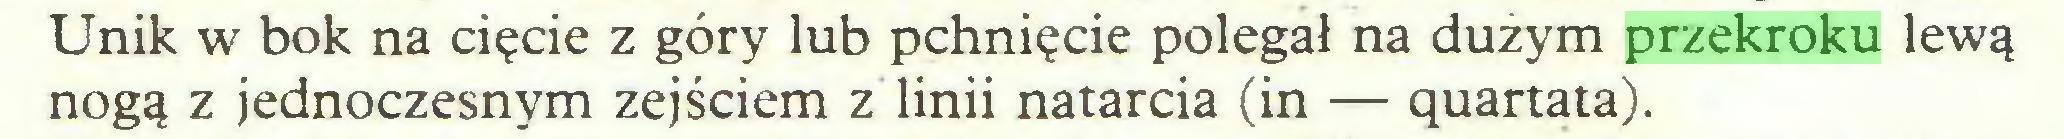 (...) Unik w bok na cięcie z góry lub pchnięcie polegał na dużym przekroku lewą nogą z jednoczesnym zejściem z linii natarcia (in — ąuartata)...